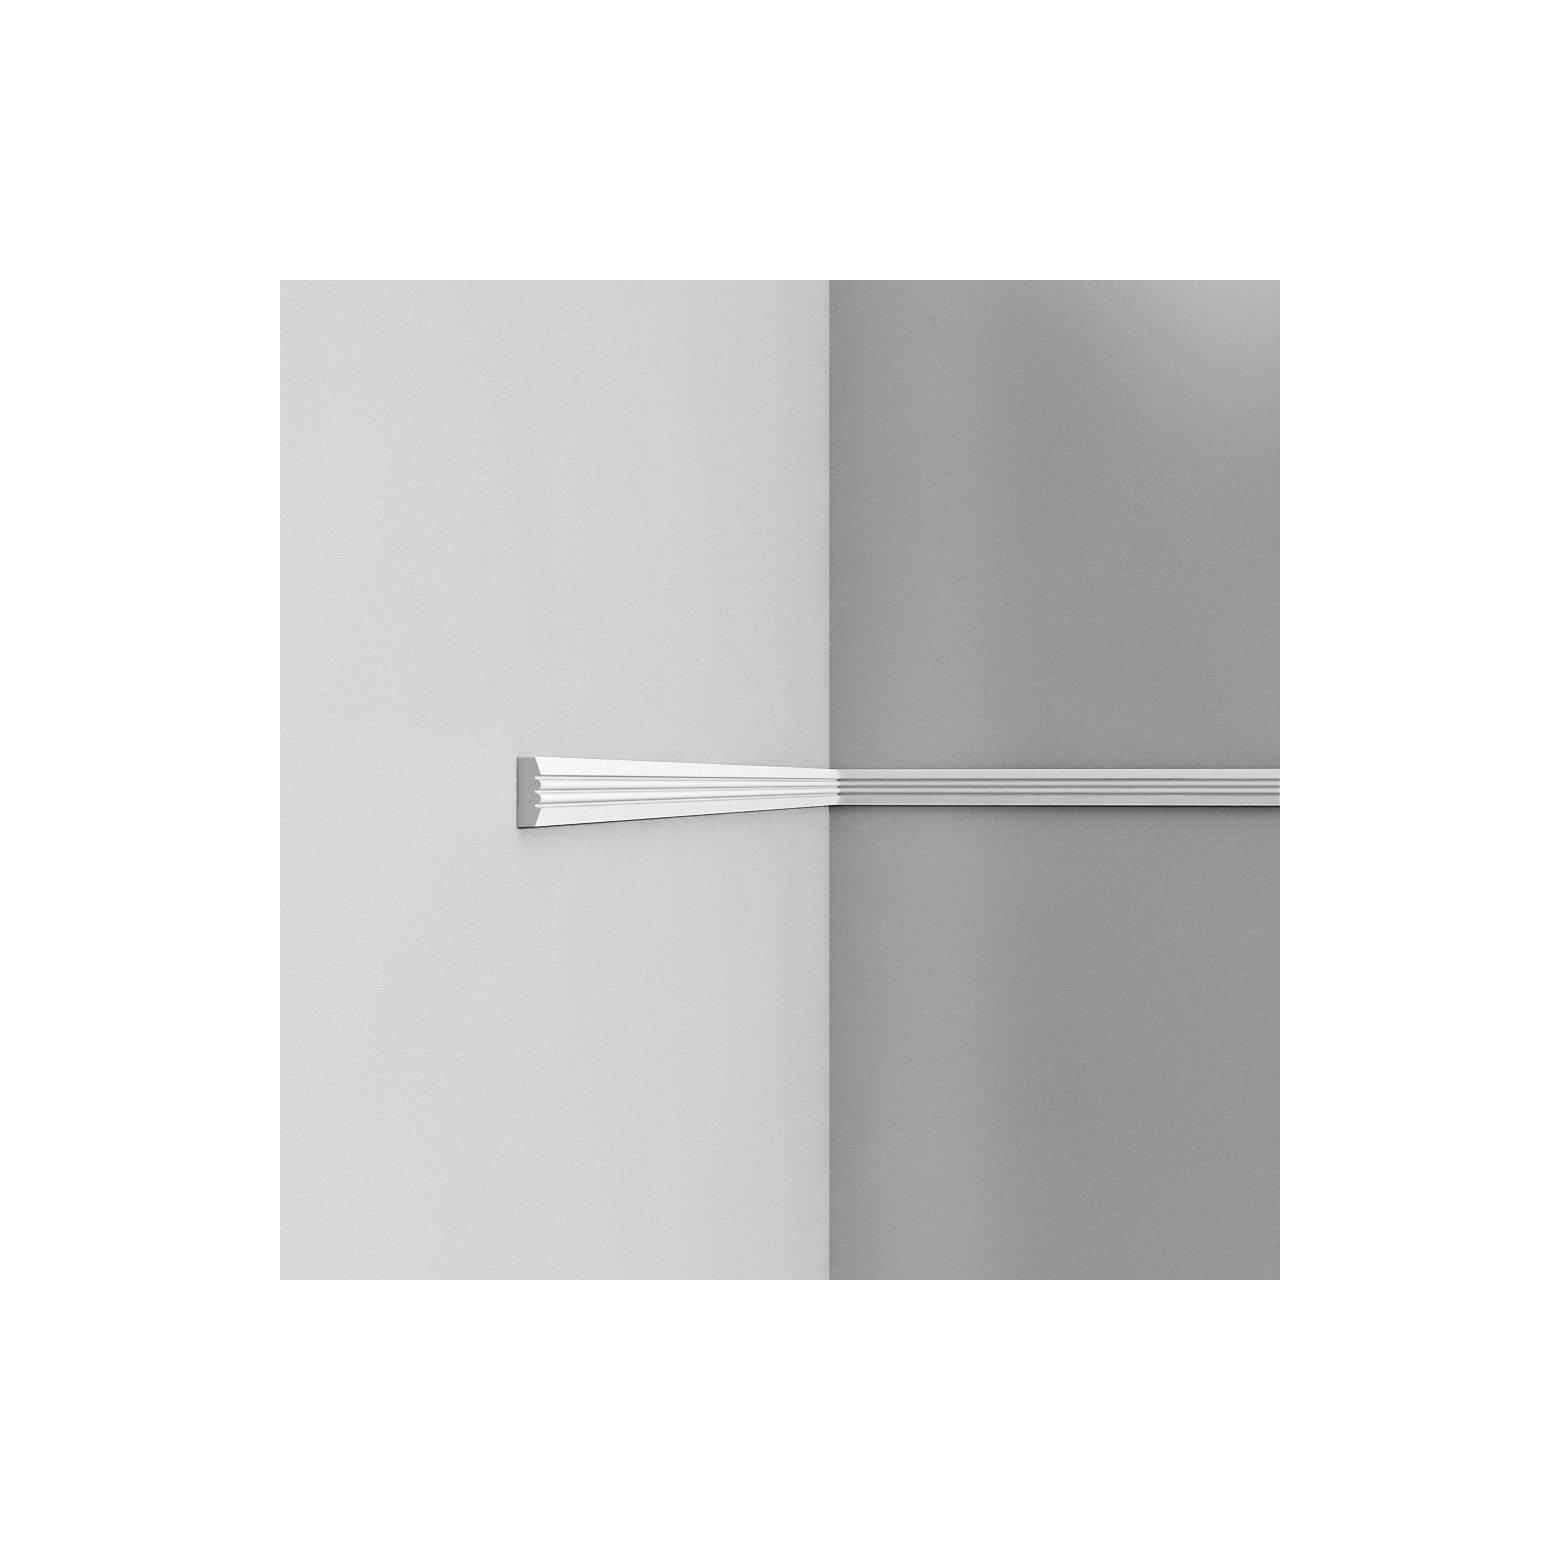 Listwa ścienna gładka gięta ODP5021F (wym.200x0.9x3.1cm)